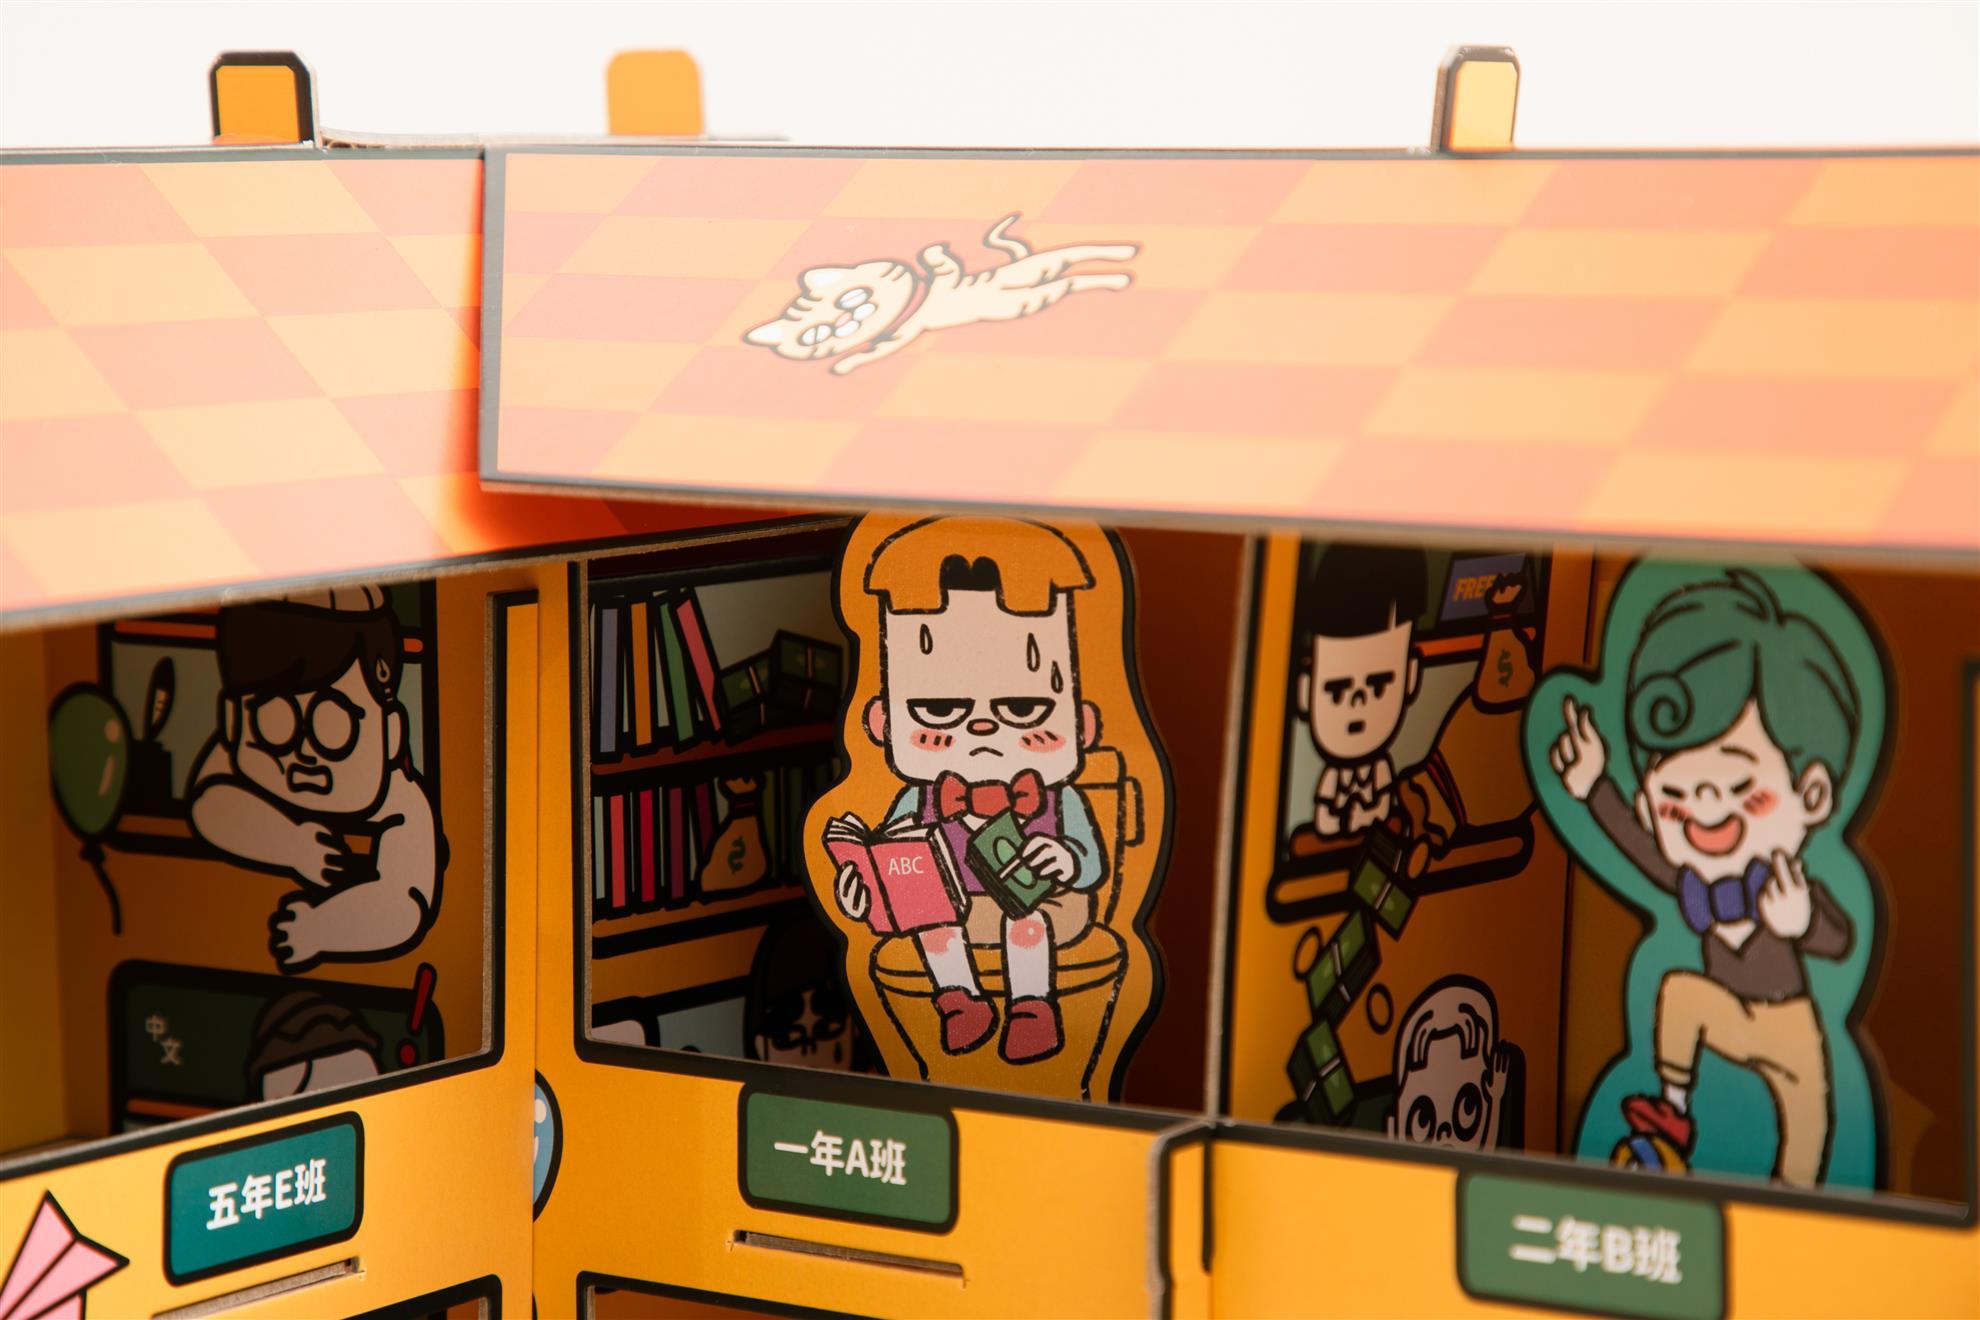 獨家cp金學院院區組合包x金馬桶搞笑漫畫